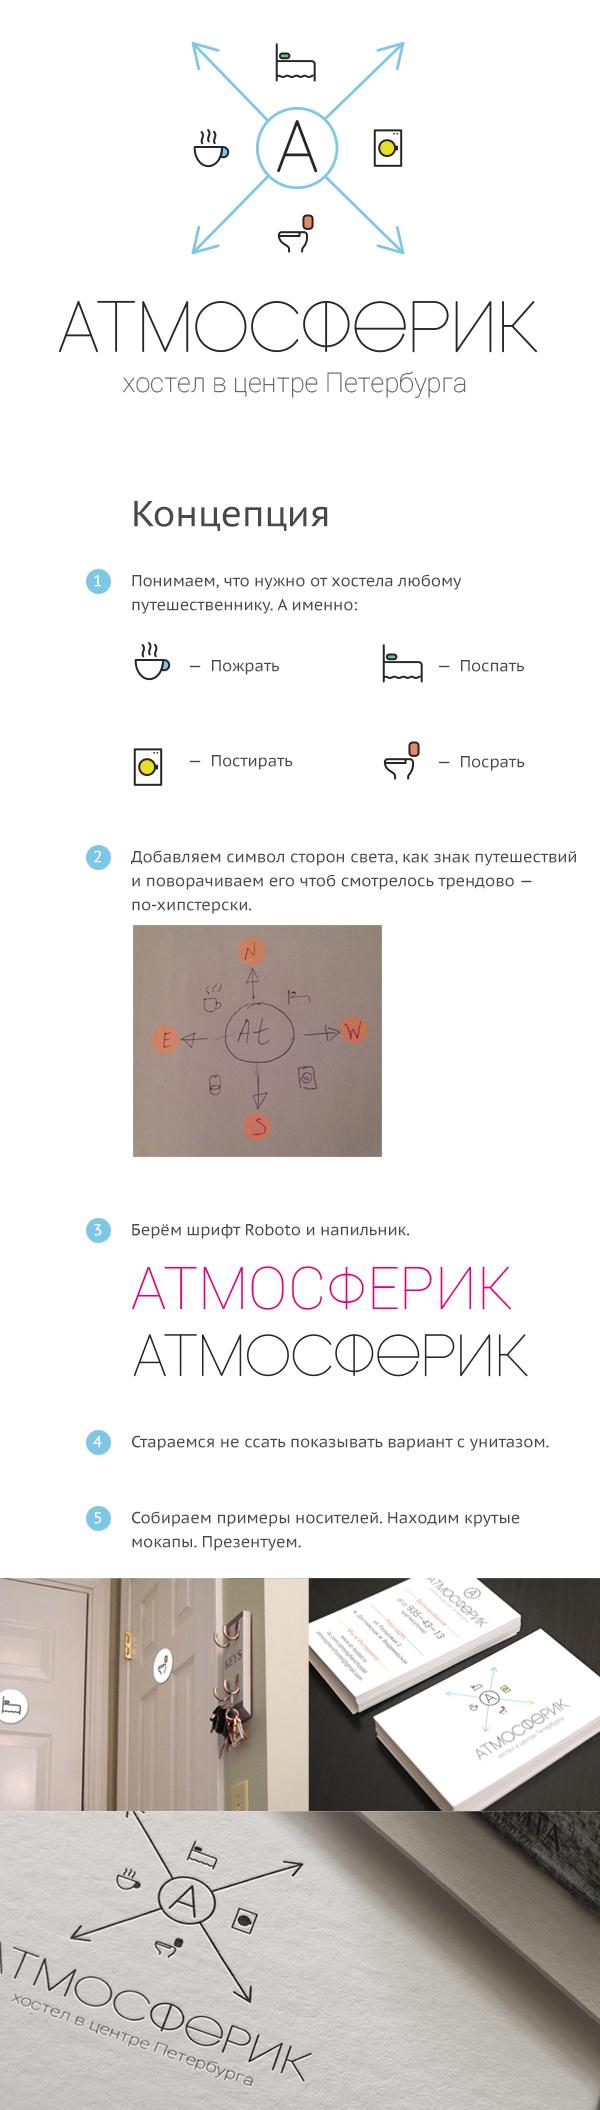 """Хостел """"Атмосферик""""."""